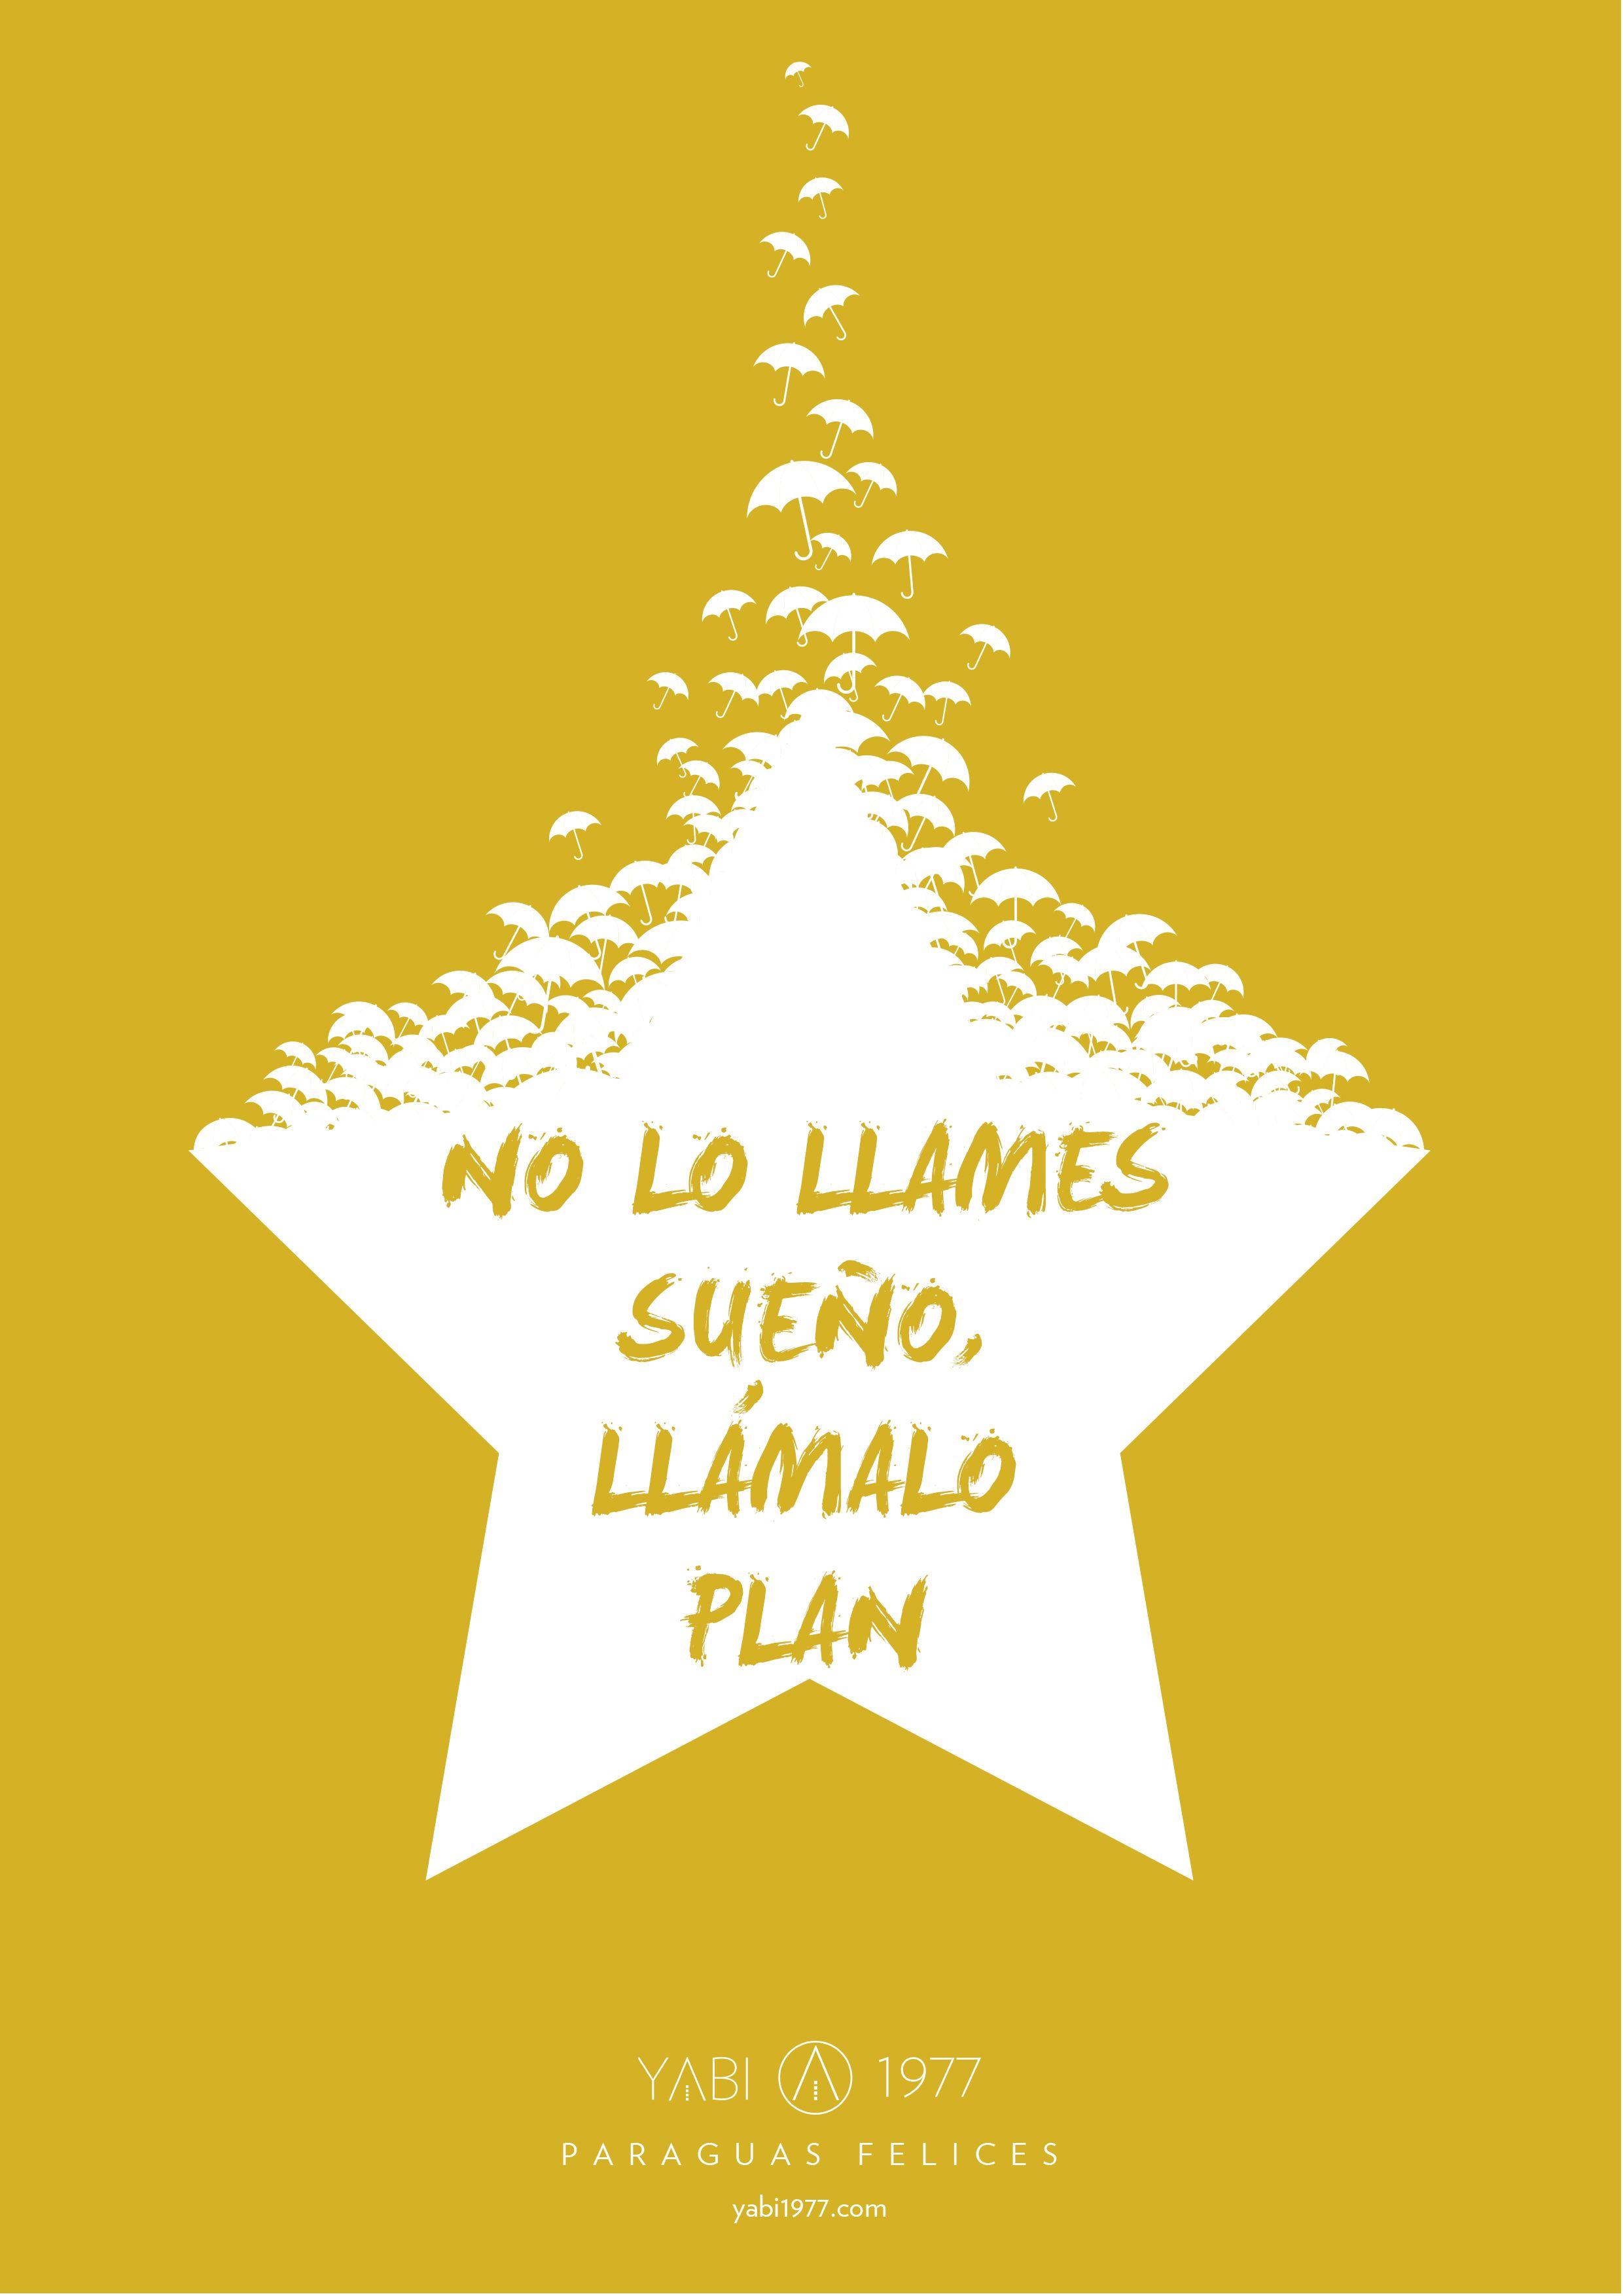 ¿Tienes un sueño? Tienes un plan... :) #buenosdias